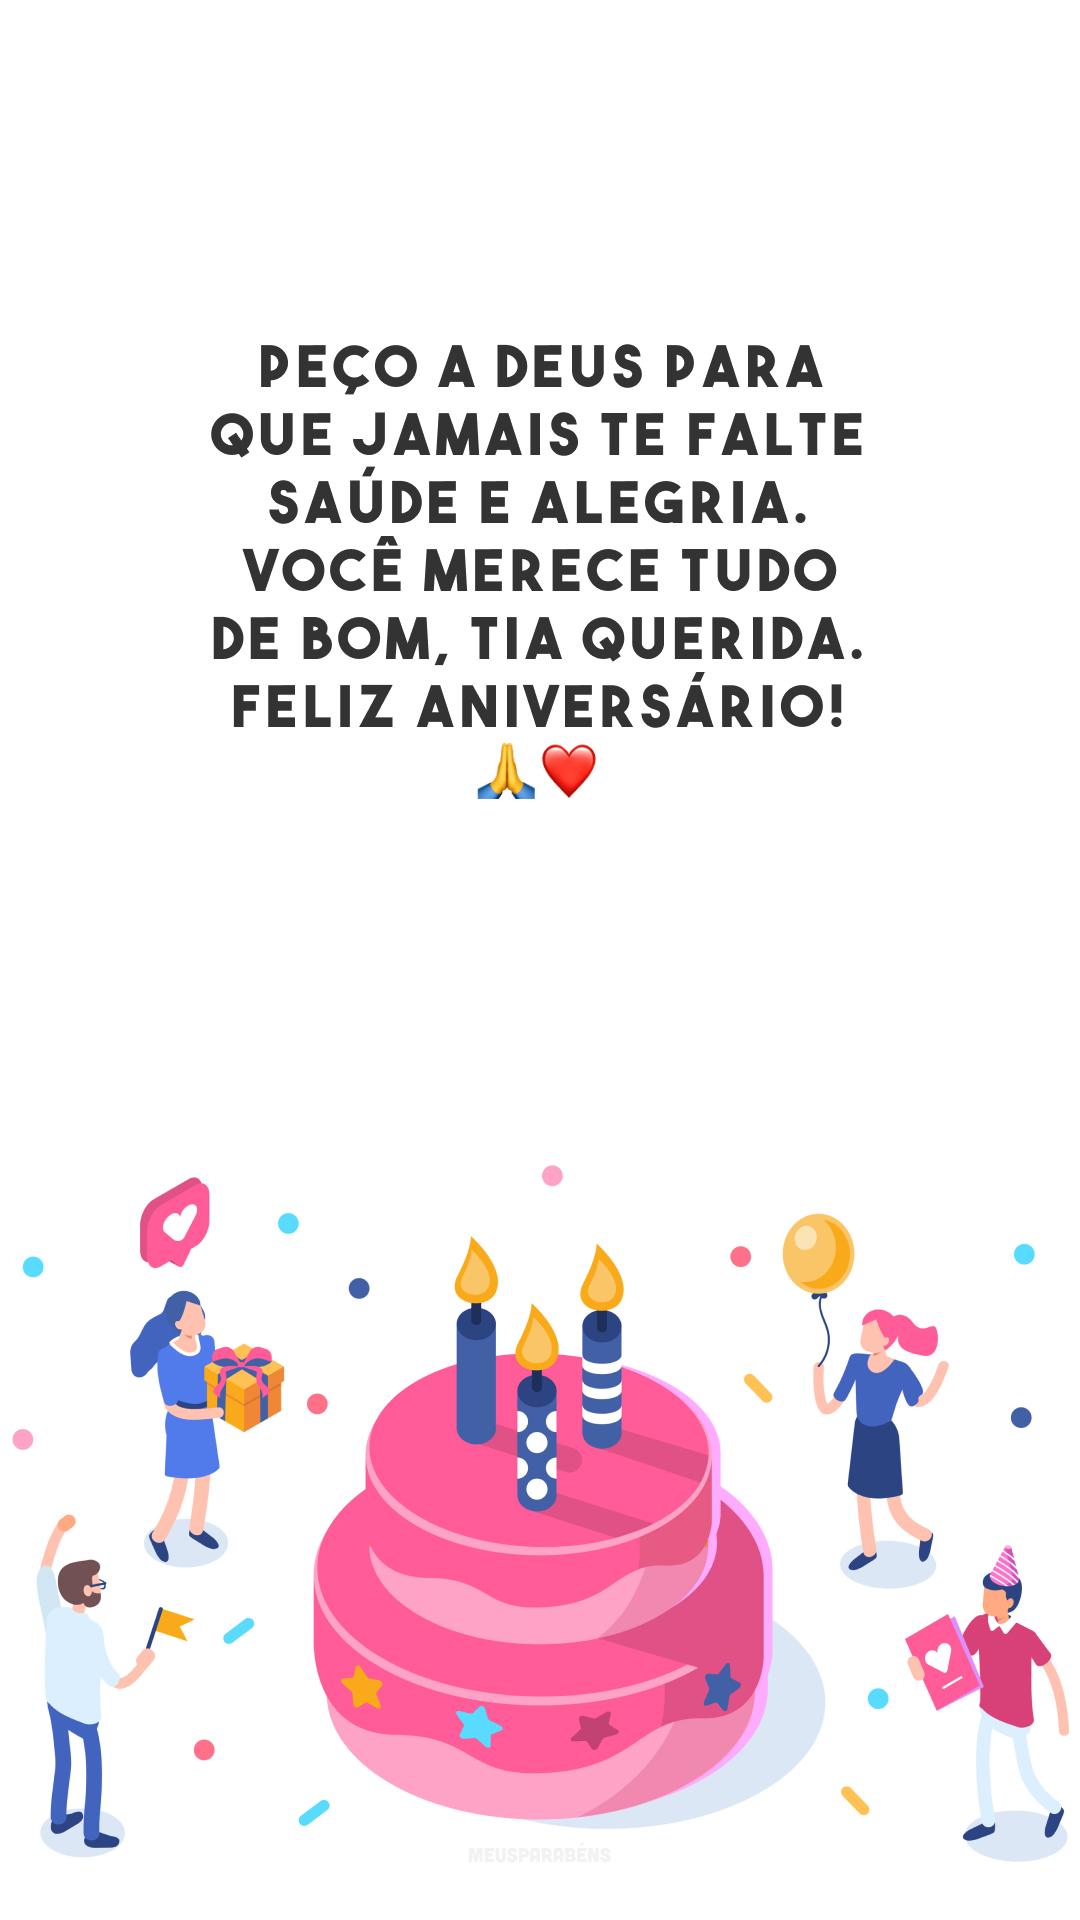 Peço a Deus para que jamais te falte saúde e alegria. Você merece tudo de bom, tia querida. Feliz aniversário! 🙏❤️